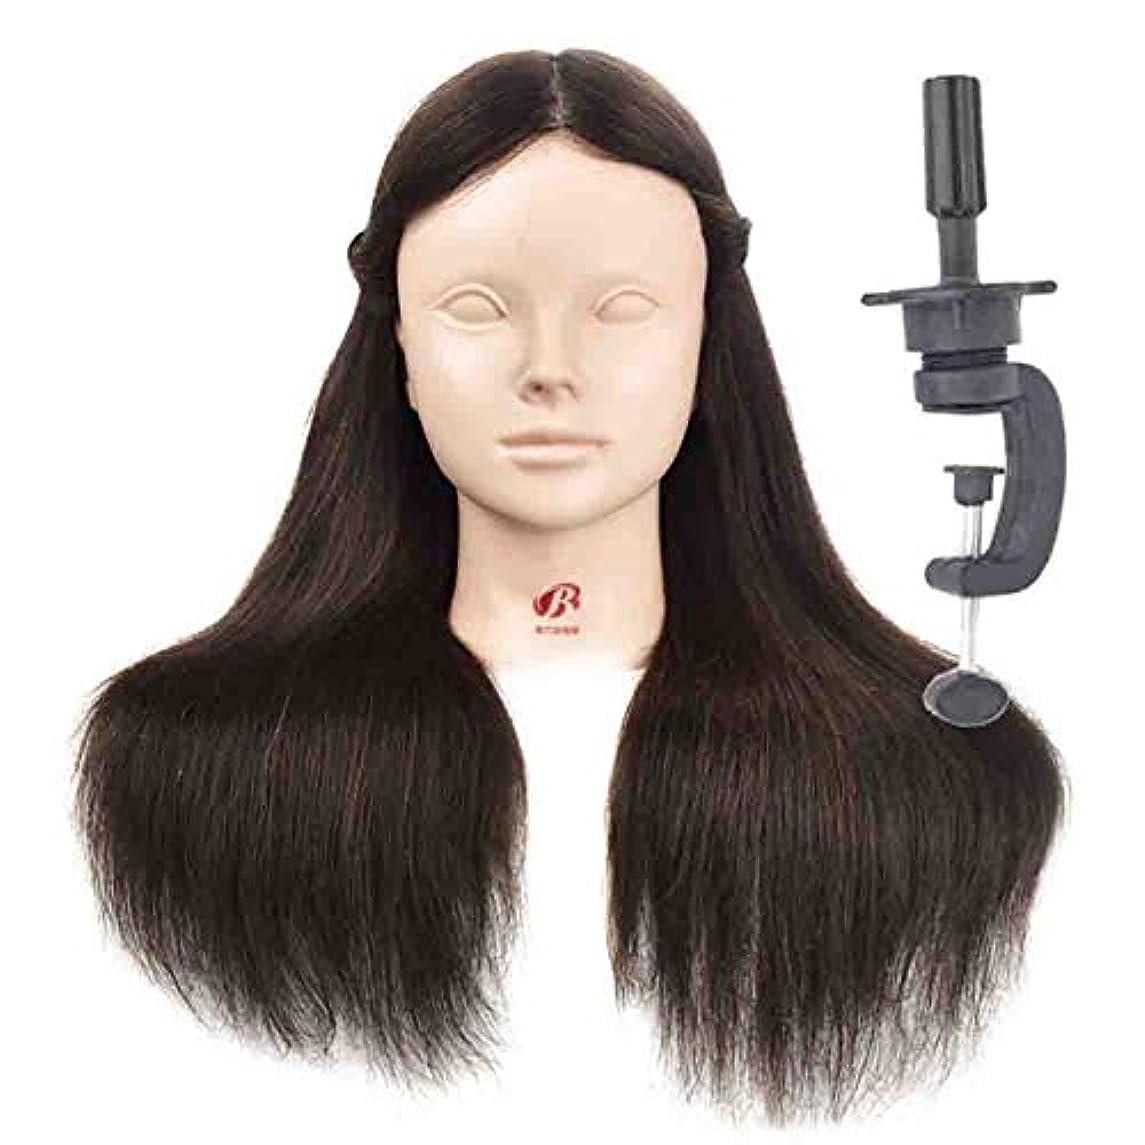 受粉する高くケーブルカーMakeup Modeling Learning Dummy Head Real Human Hair Practice Head Model Hair Salon Model Head Can be Hot Dyed